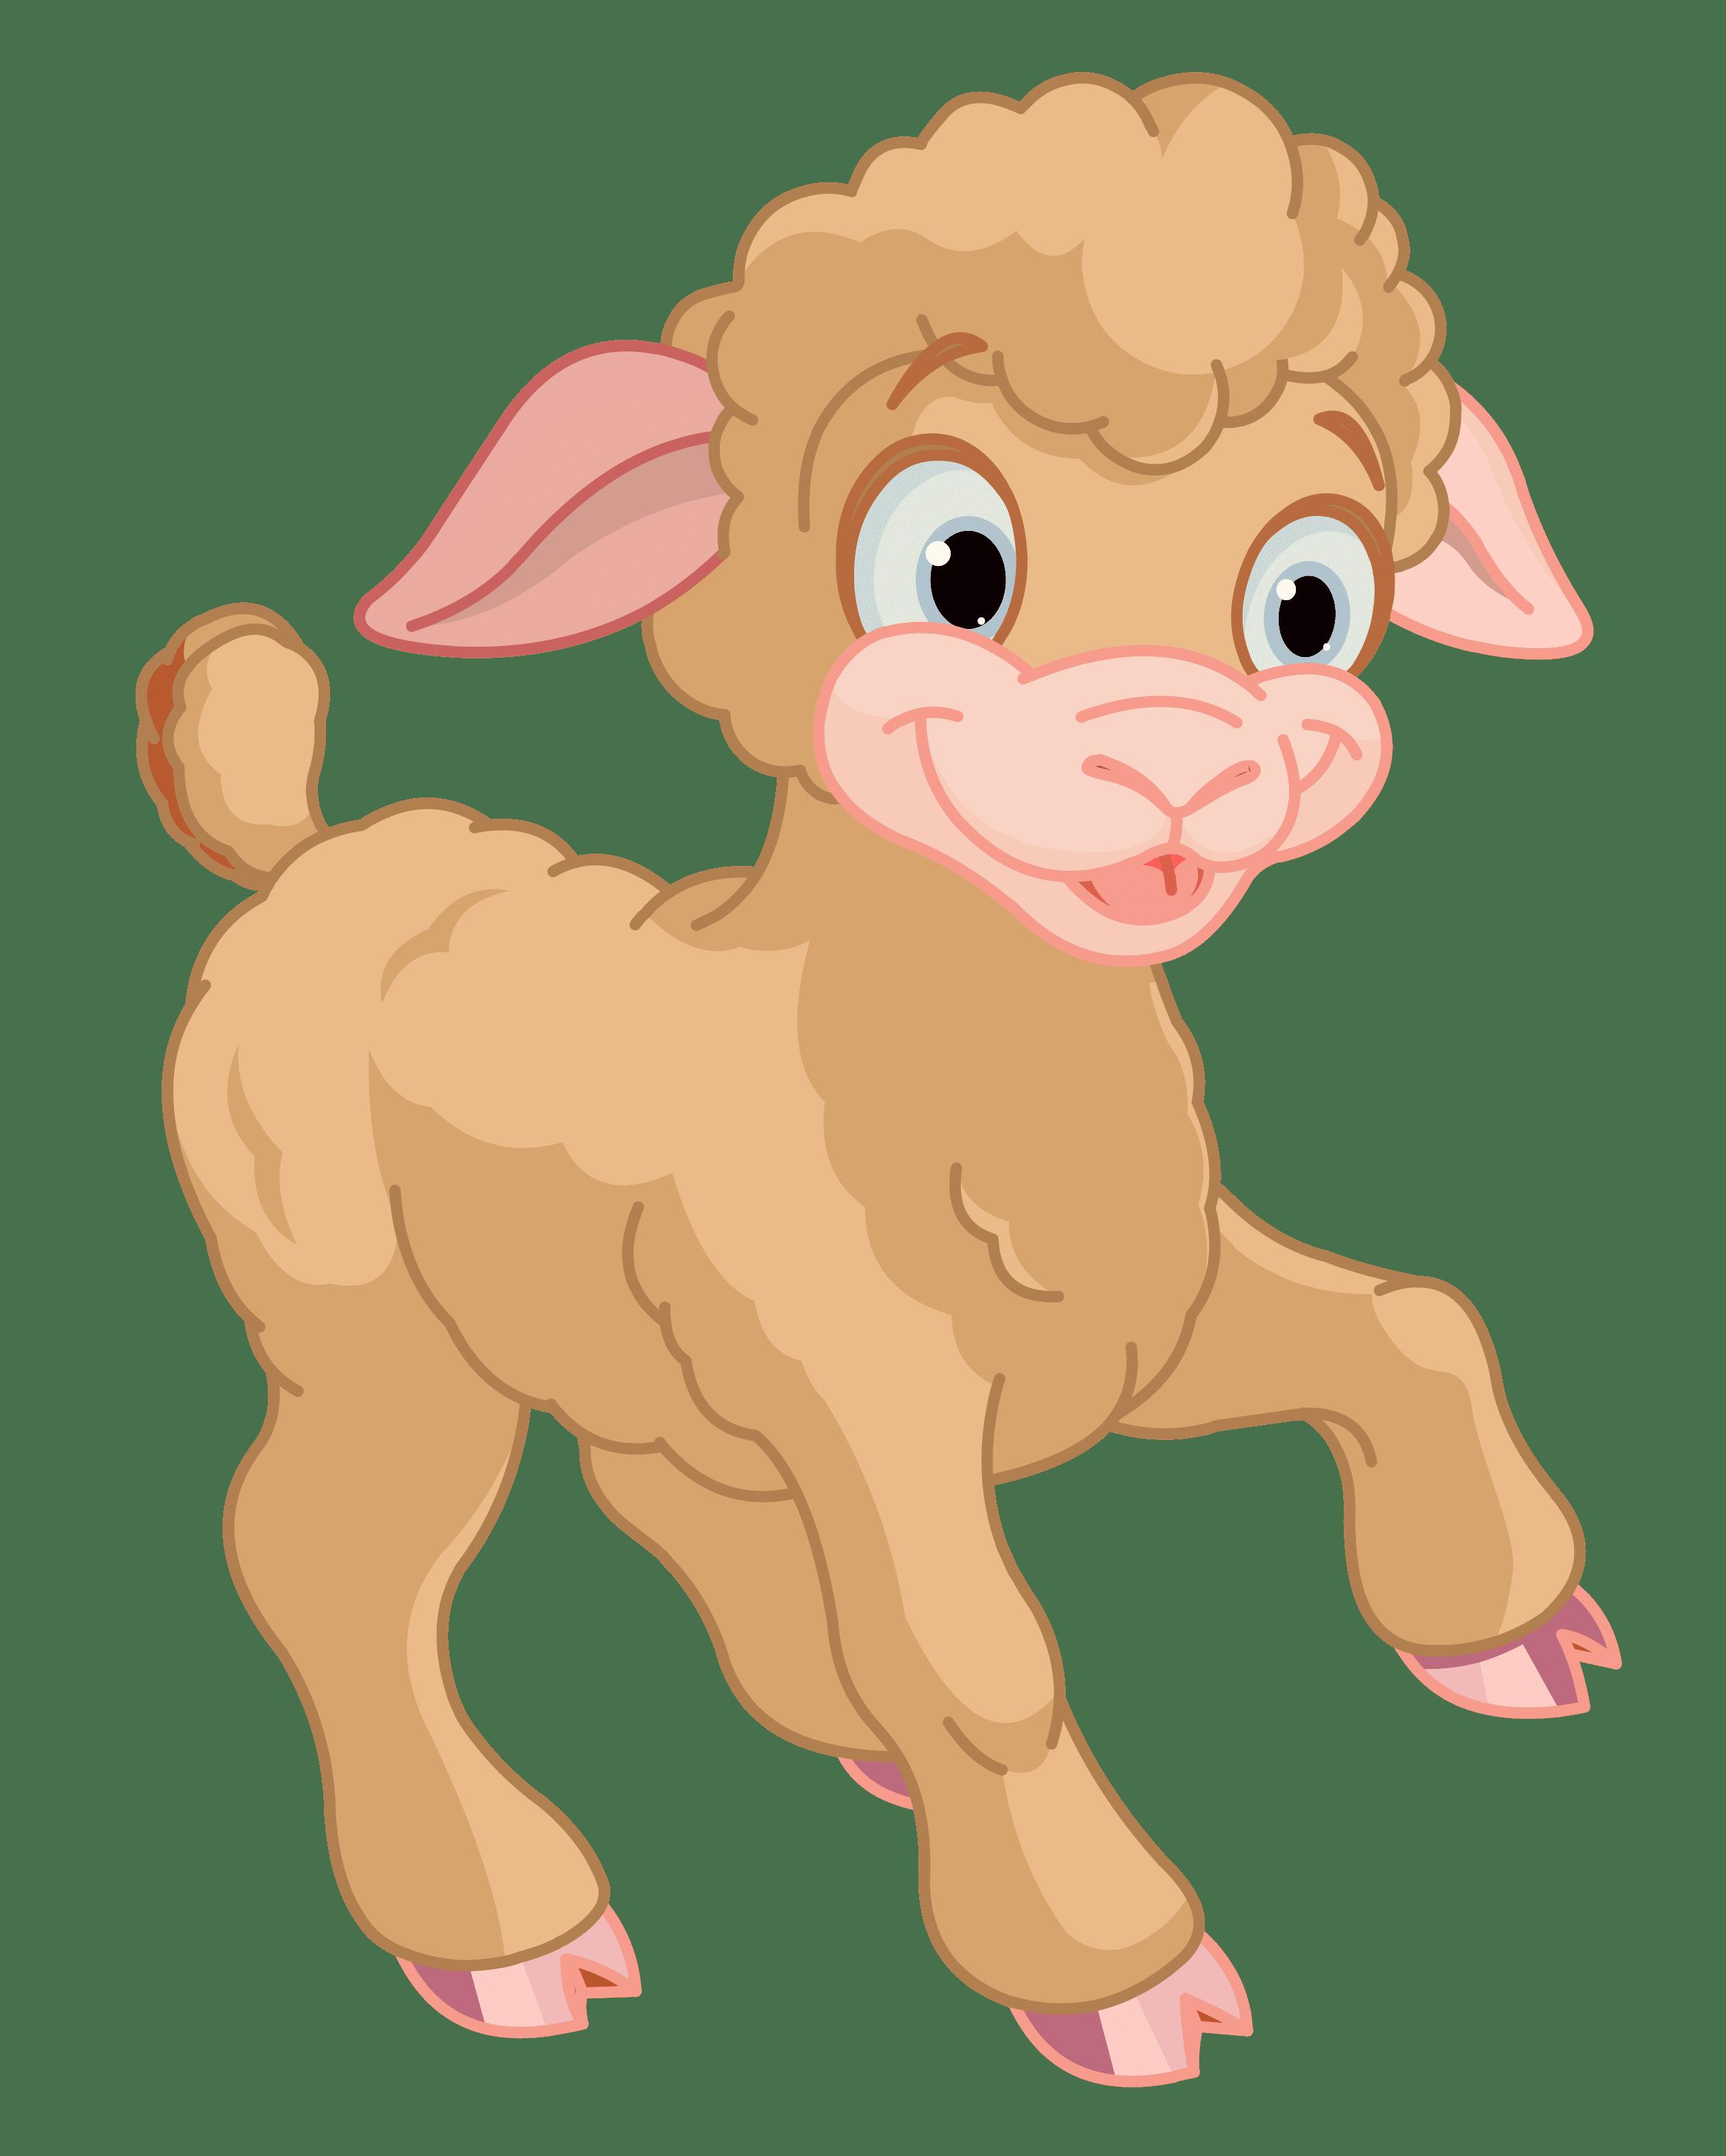 Lamb clipart little lamb. Cute png